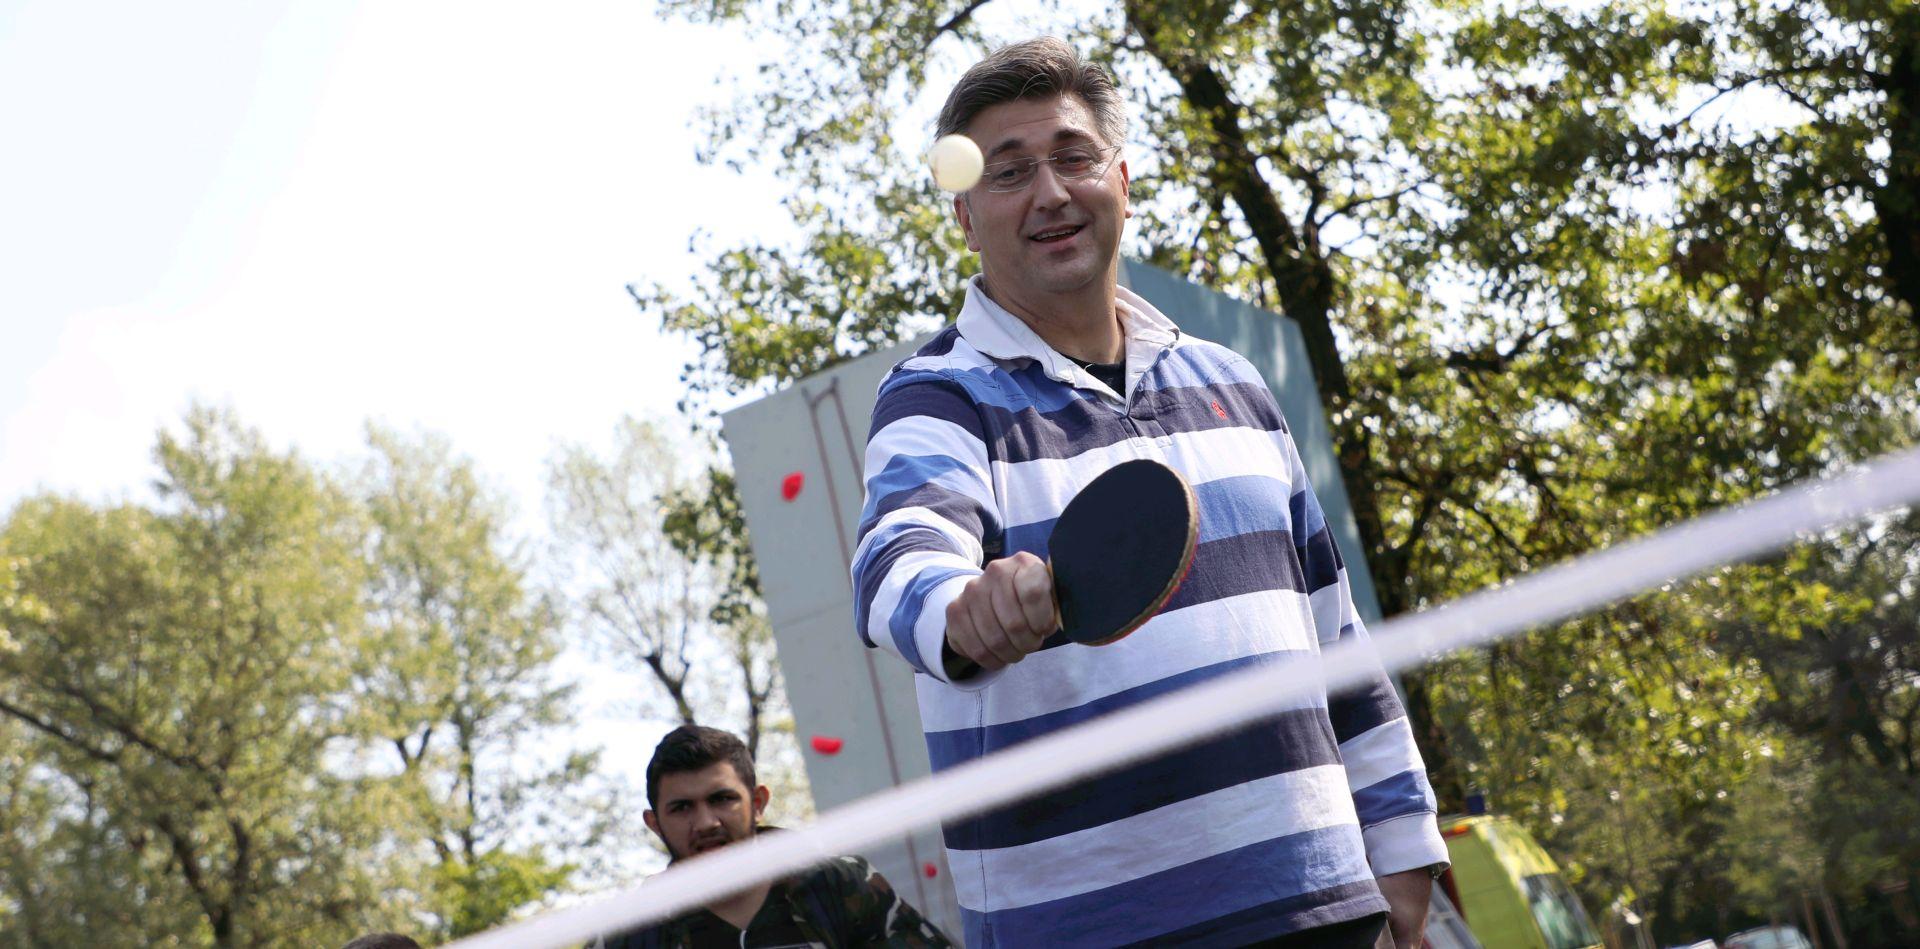 CROBAROMETAR: HDZ i SDP padaju, Most i Žvi zid rastu